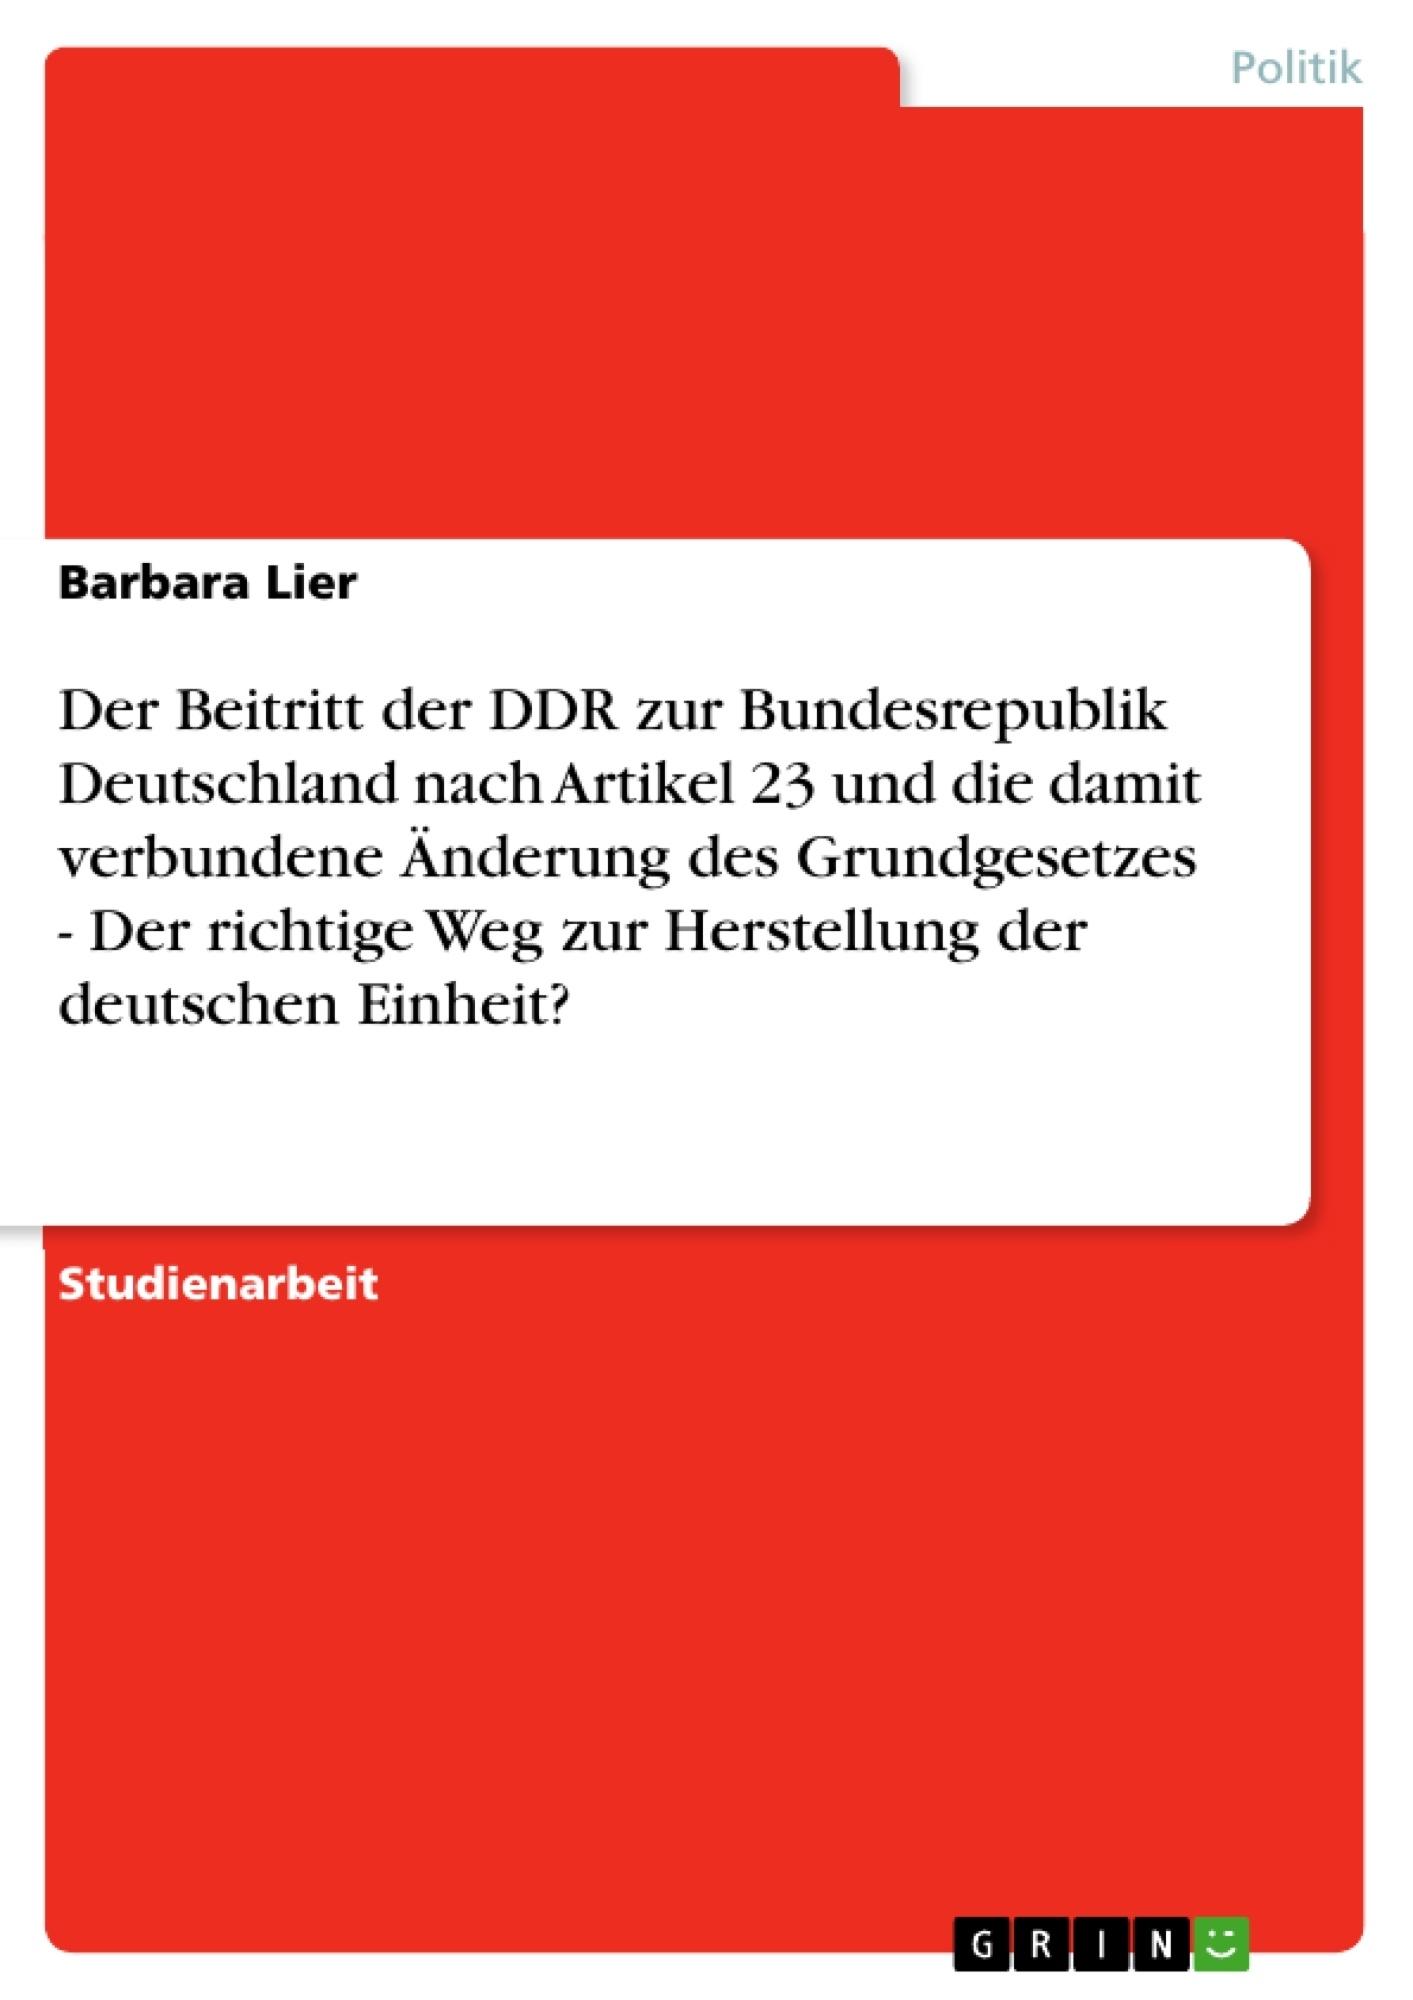 Titel: Der Beitritt der DDR zur Bundesrepublik Deutschland nach Artikel 23 und die damit verbundene Änderung des Grundgesetzes - Der richtige Weg zur Herstellung der deutschen Einheit?